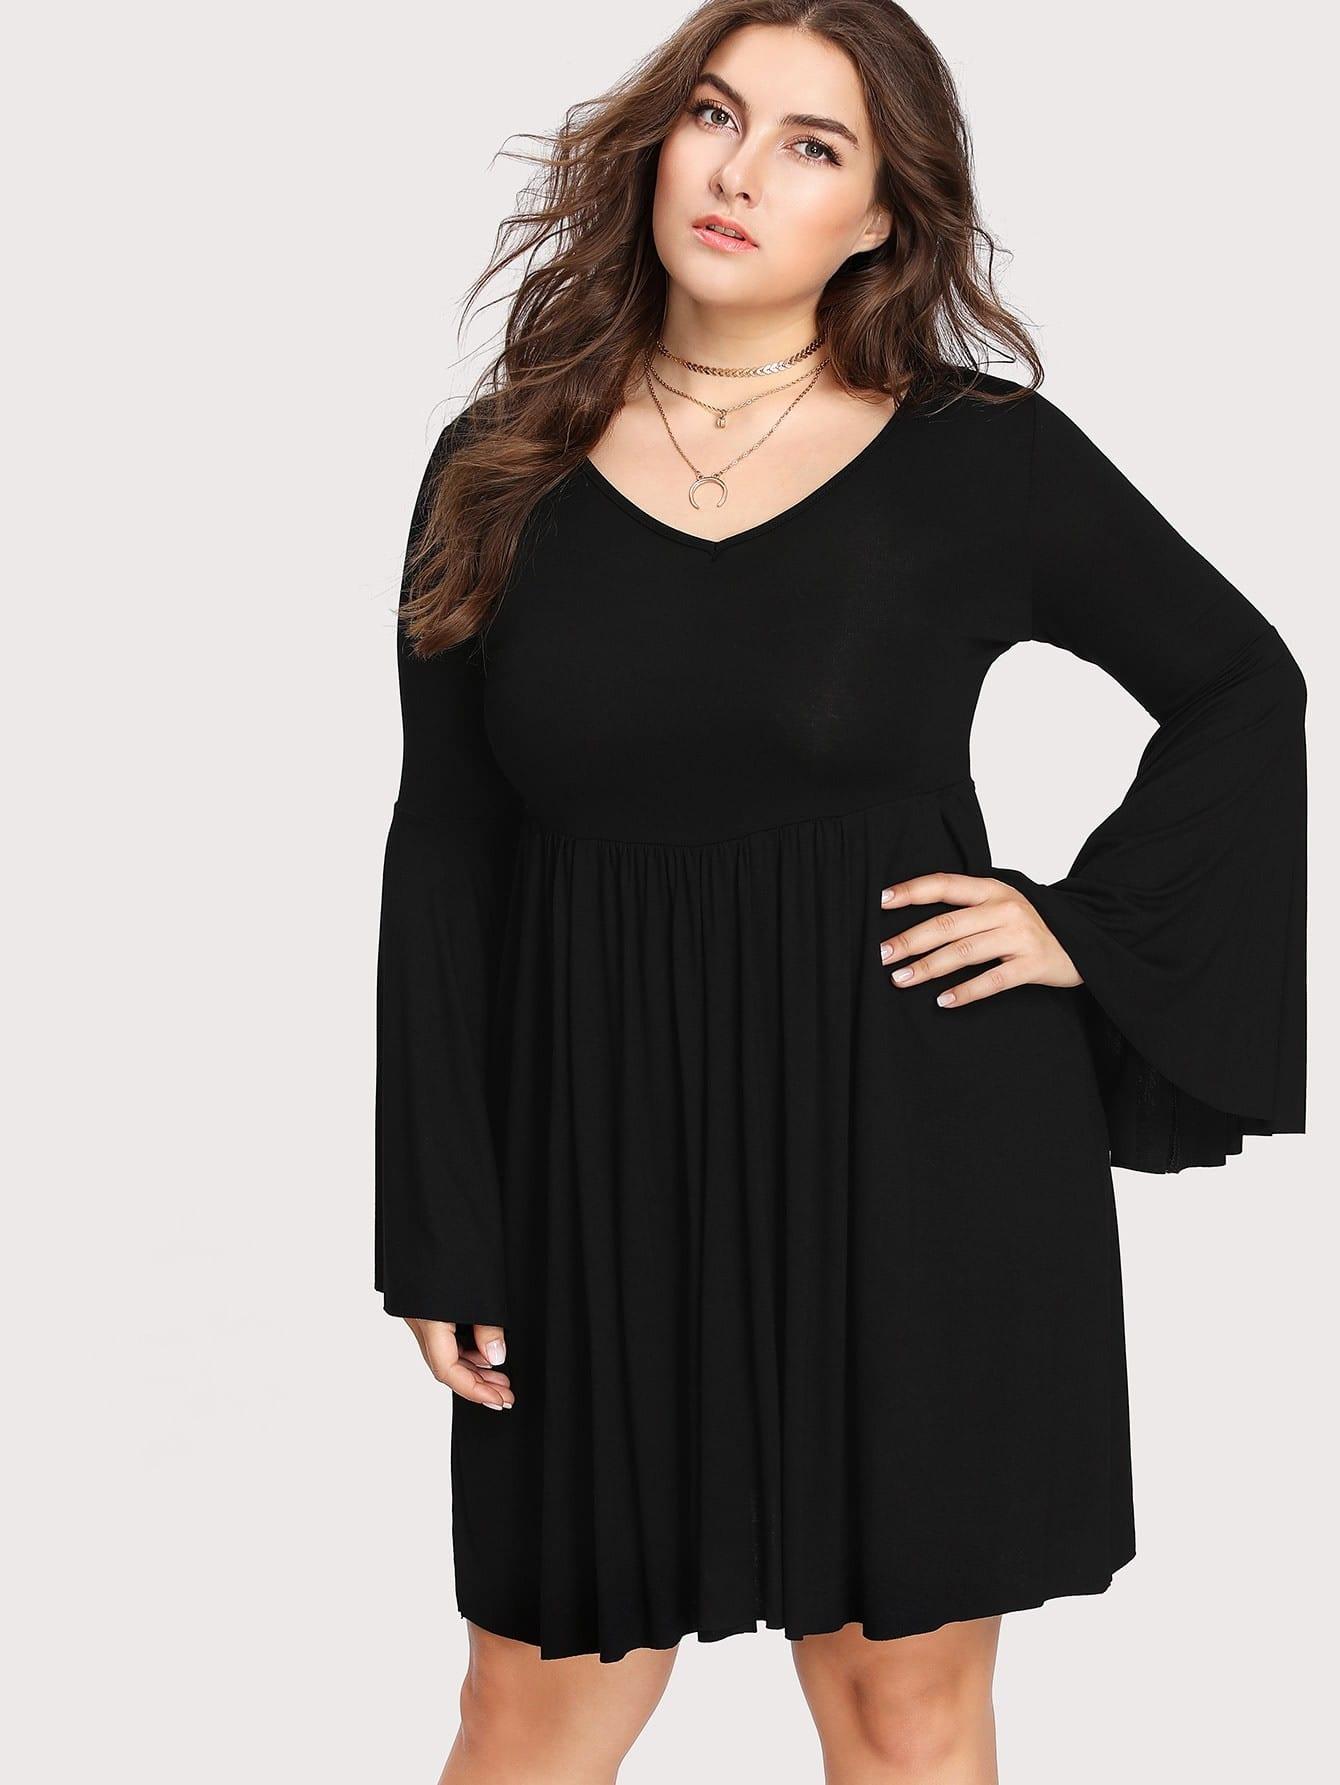 Купить Модное платье с оборкой и бантом, Franziska, SheIn